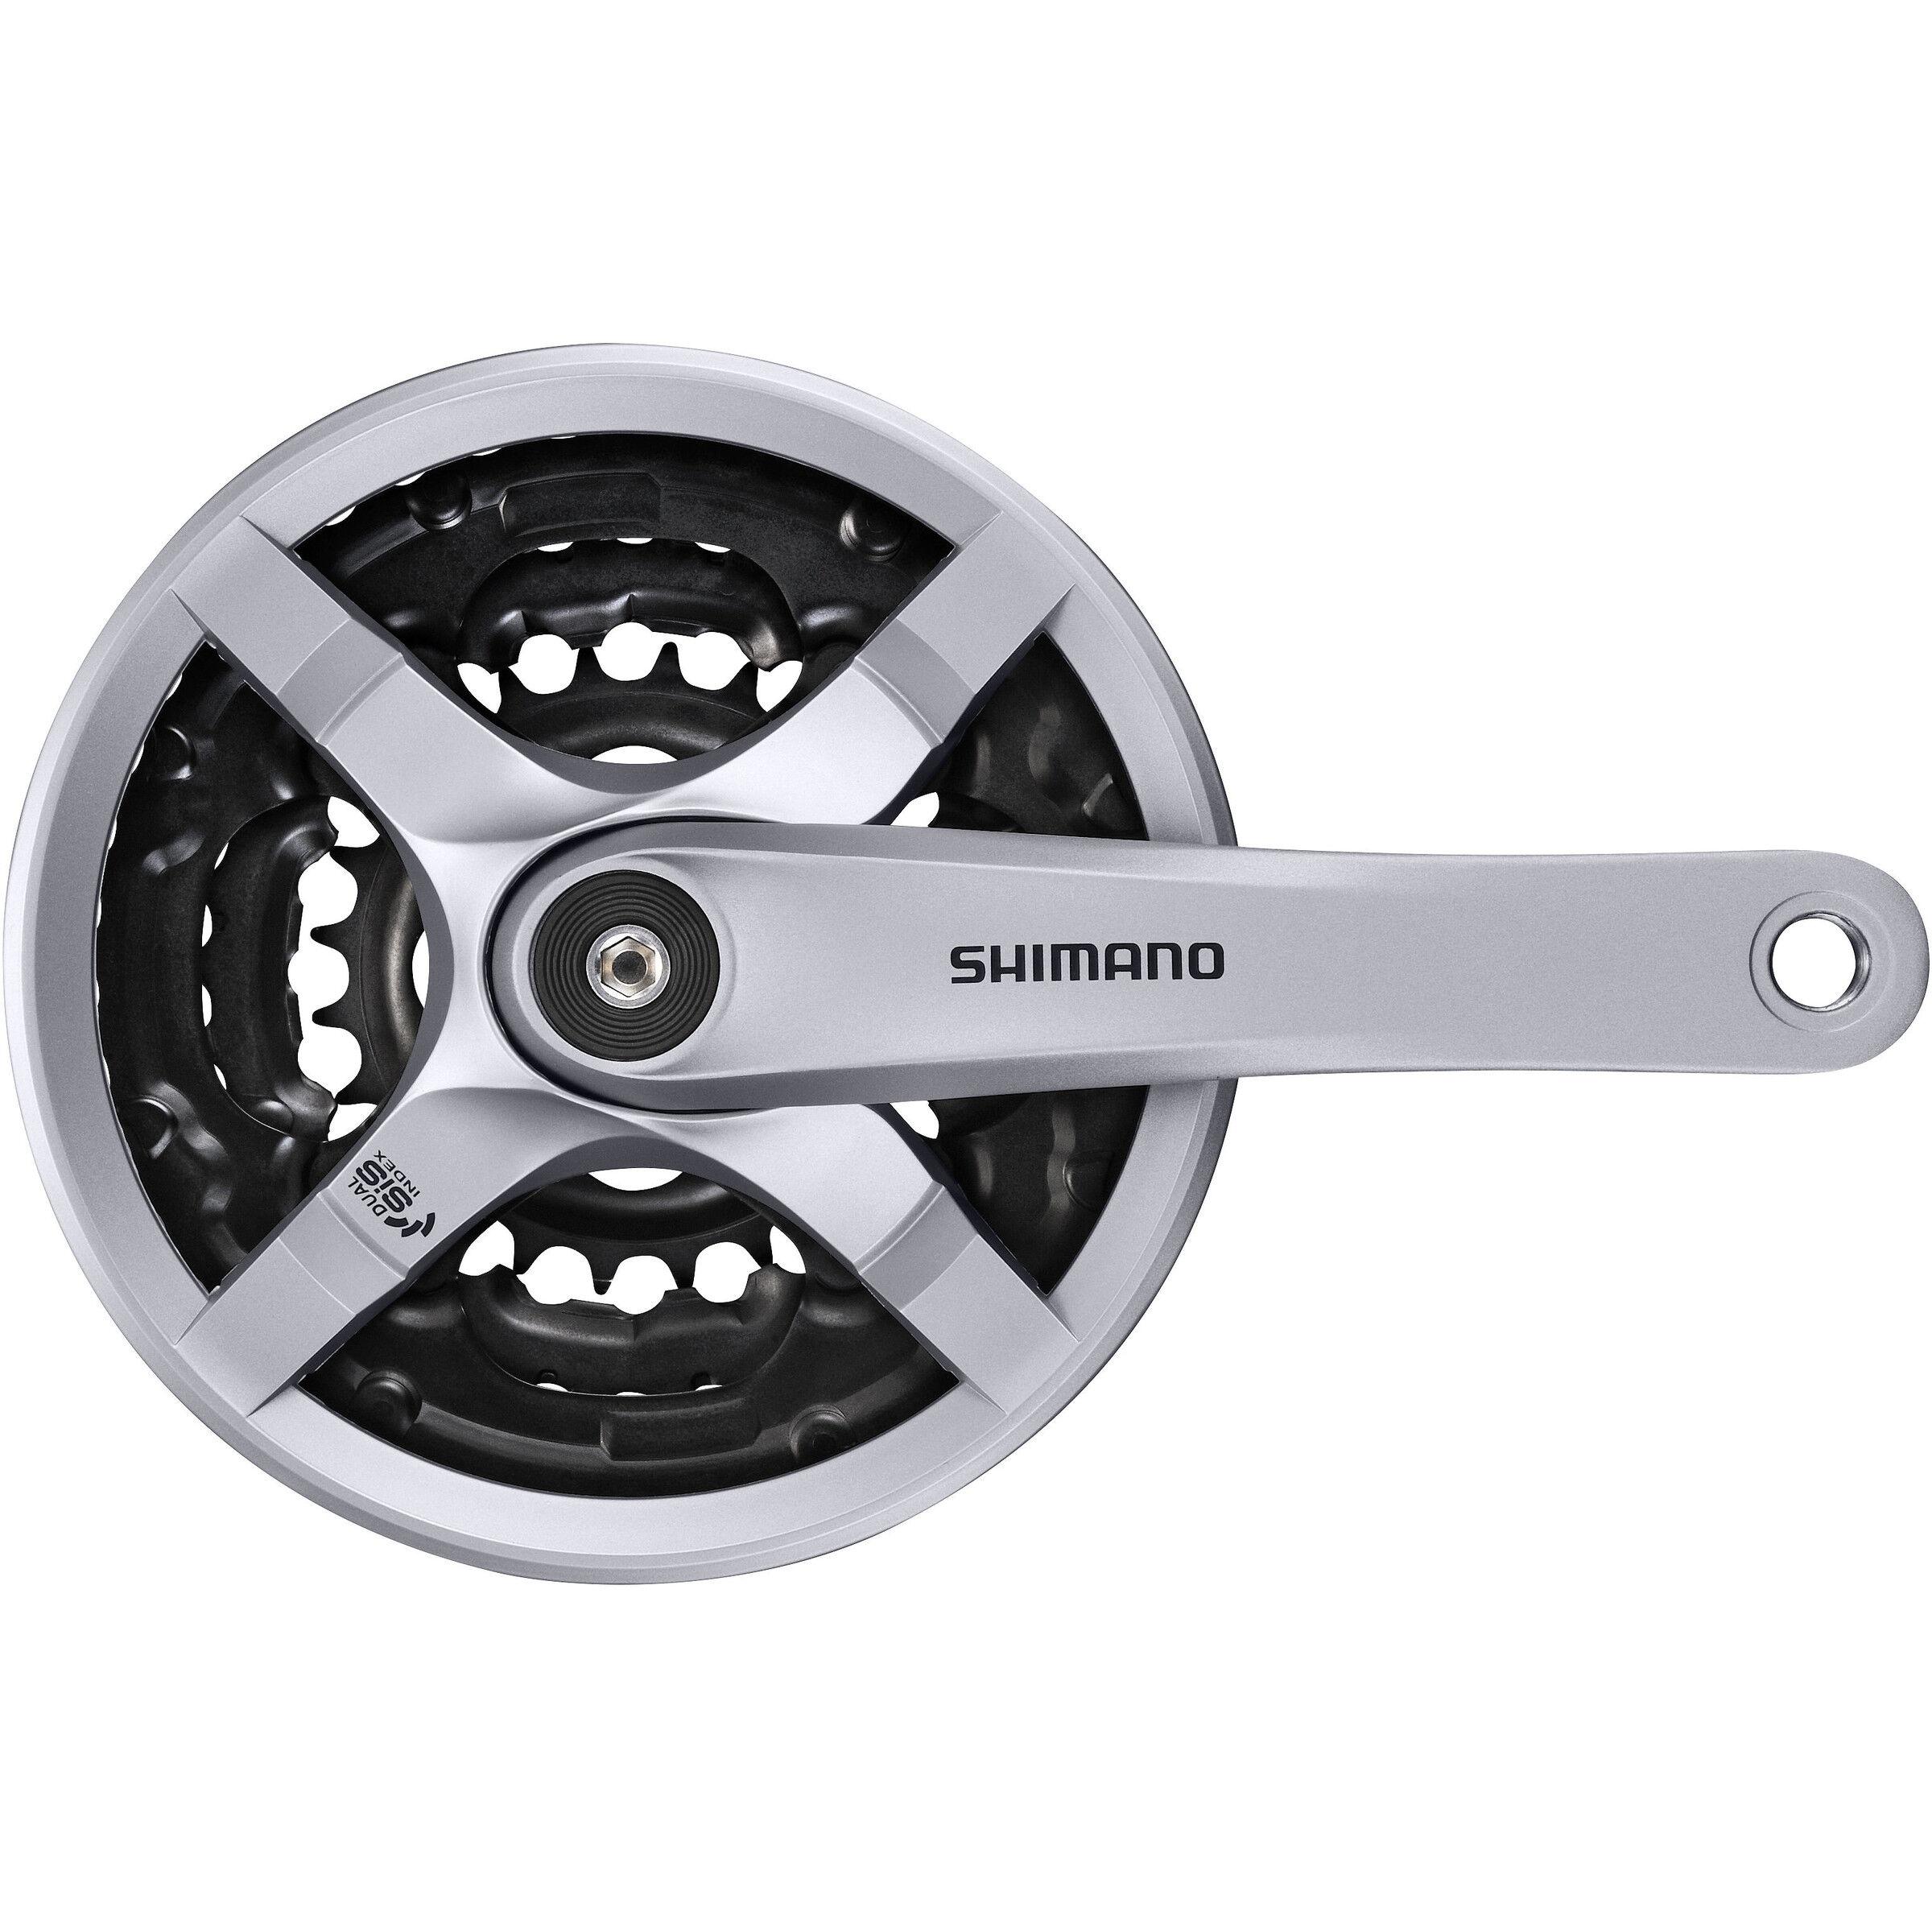 Kettenrad 7//8 Gang Shimano kompatibel 48-38-28 Fahrrad Kurbelgarnitur Sunrace